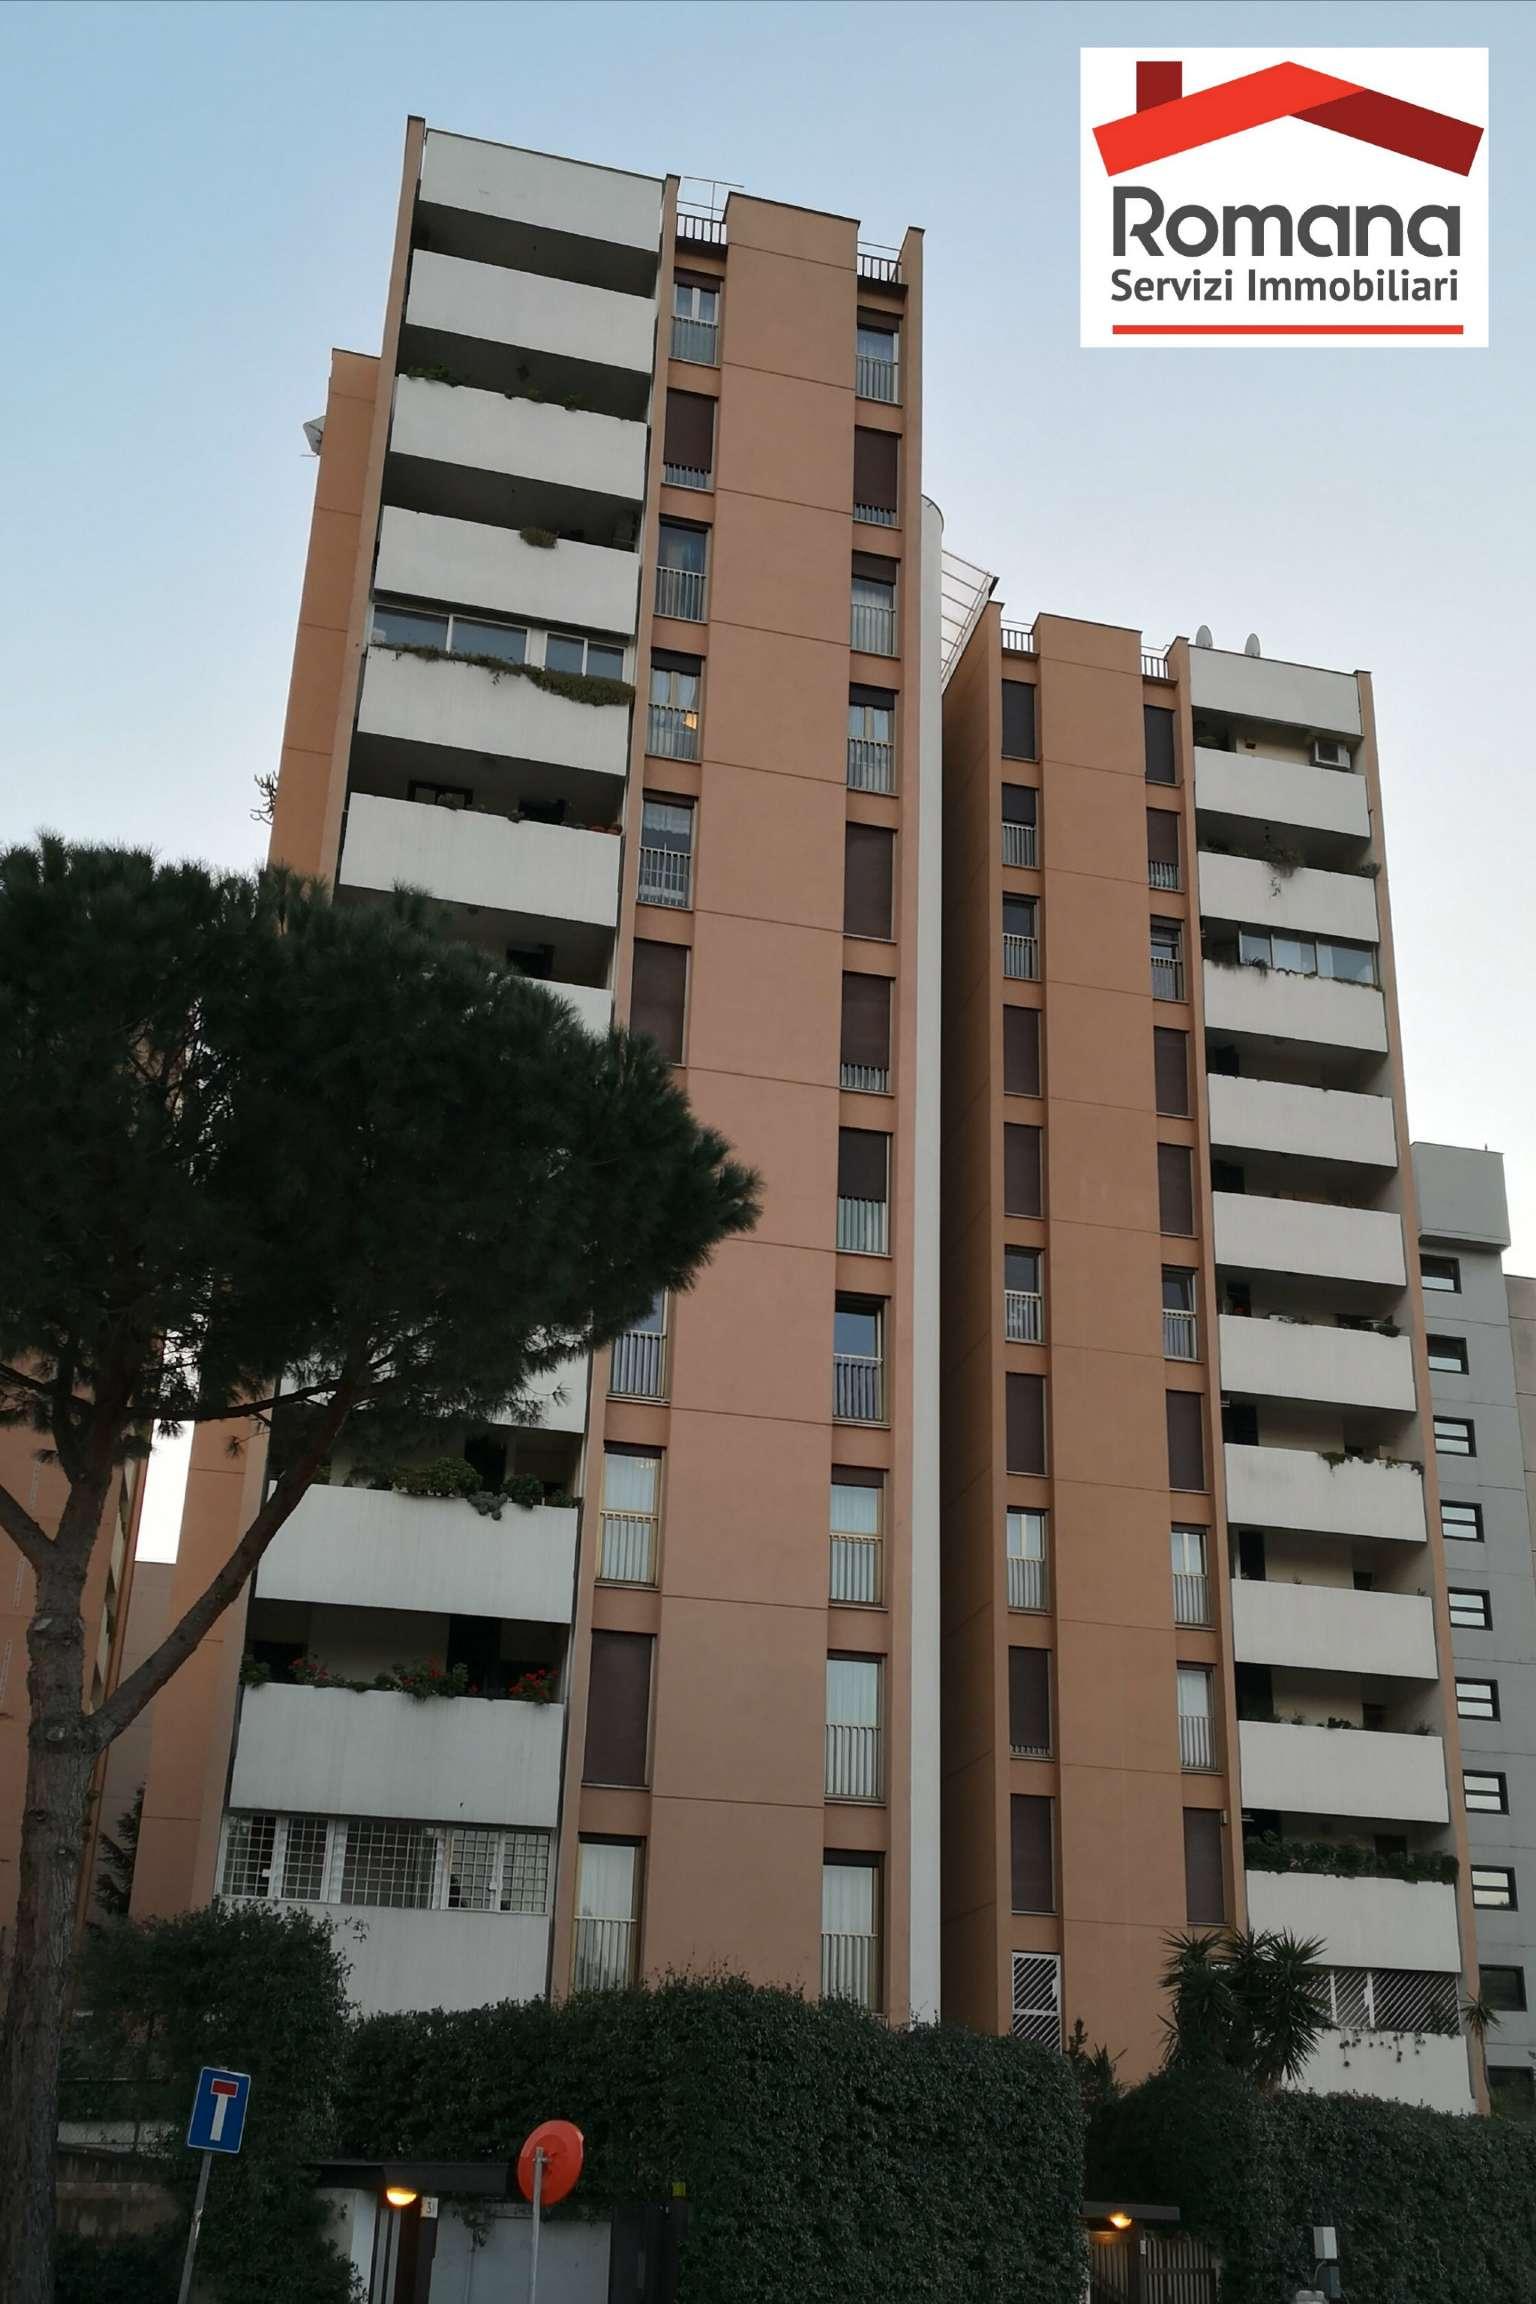 Trilocale in affitto a Roma in Via Valentino Mazzola